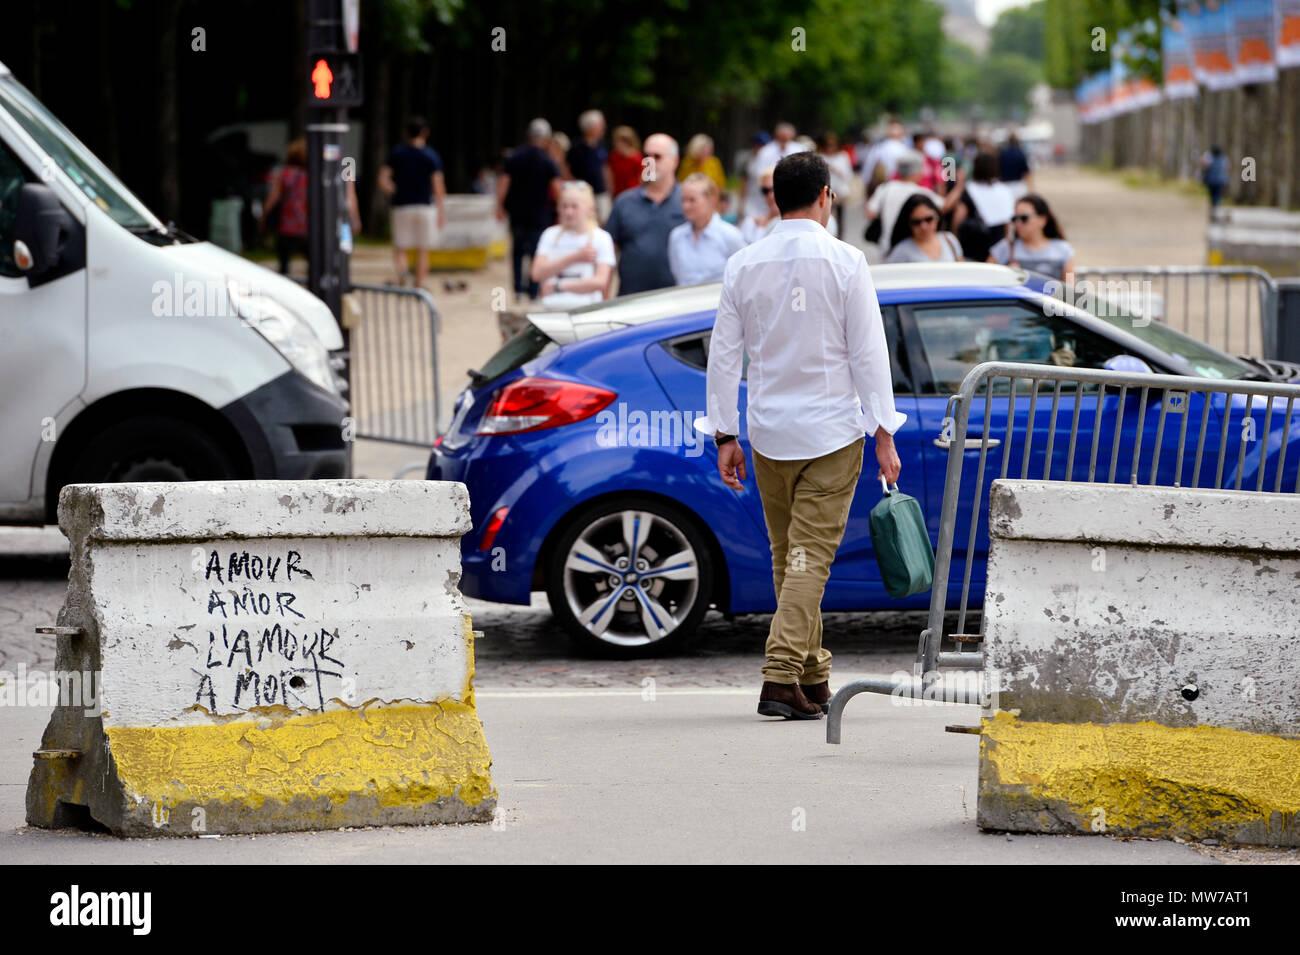 Sicherheit Poller auf Les Champs Elysées - Paris - Frankreich Stockfoto